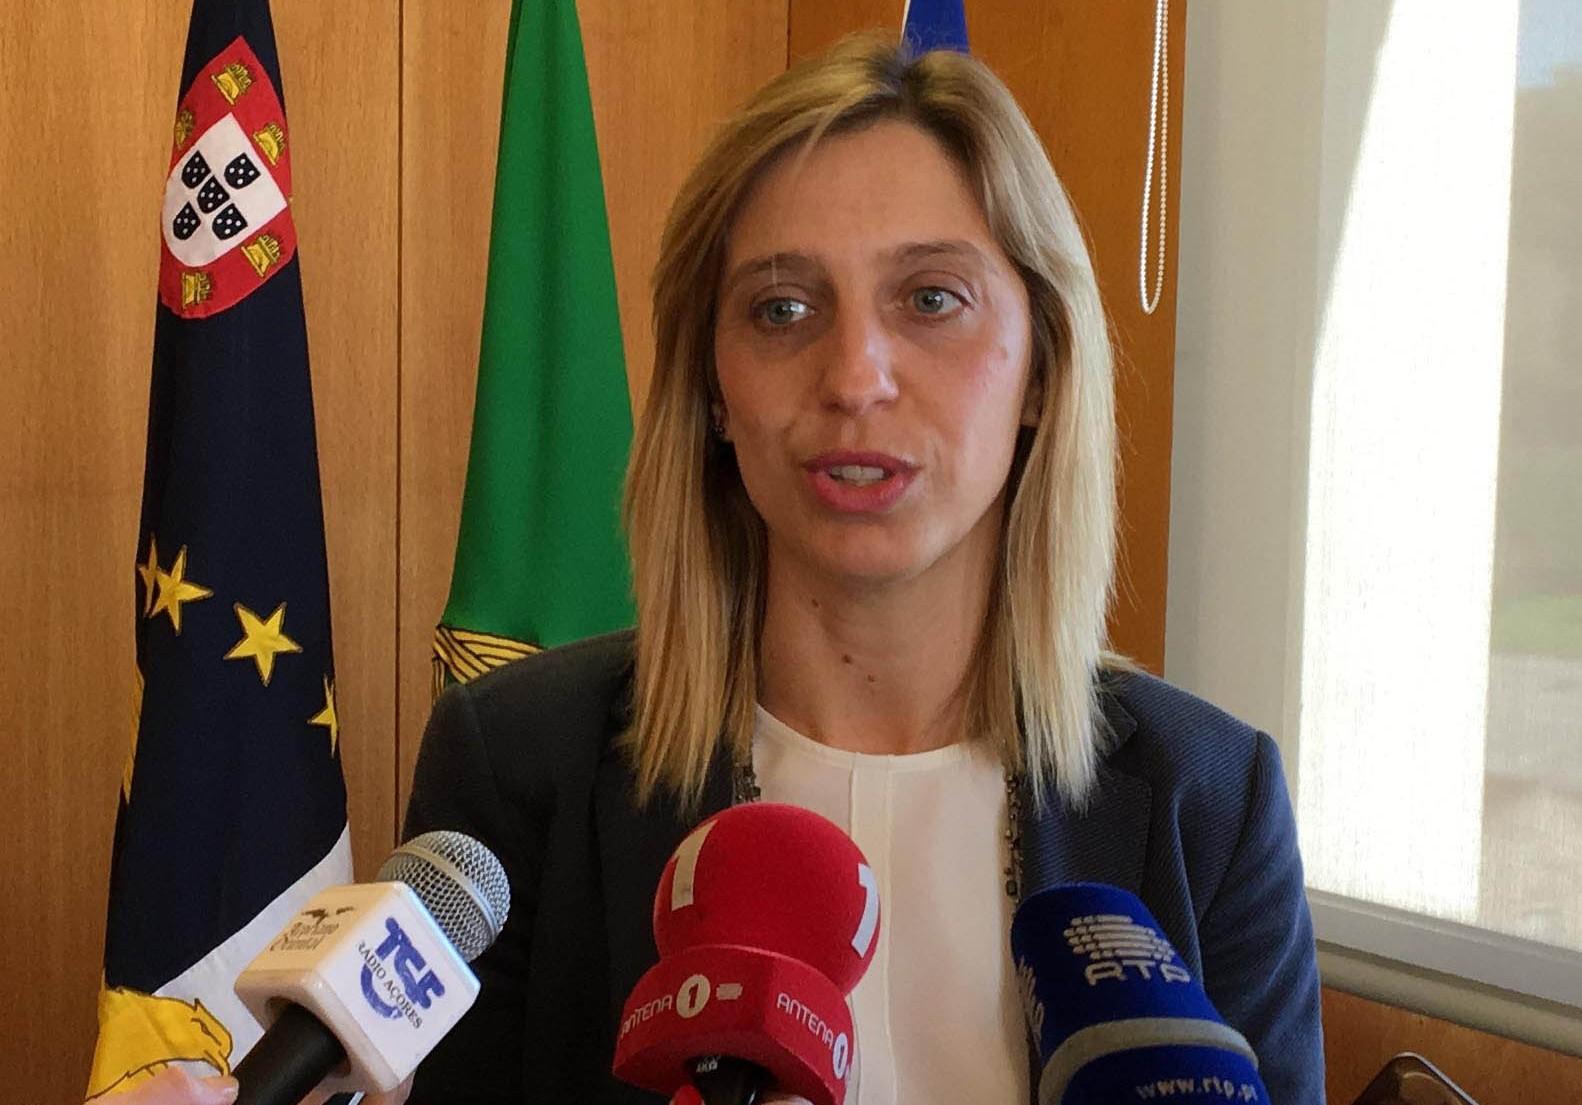 Marta Guerreiro afirma que mobilidade elétrica e qualificação dos profissionais do turismo são prioridades para 2020